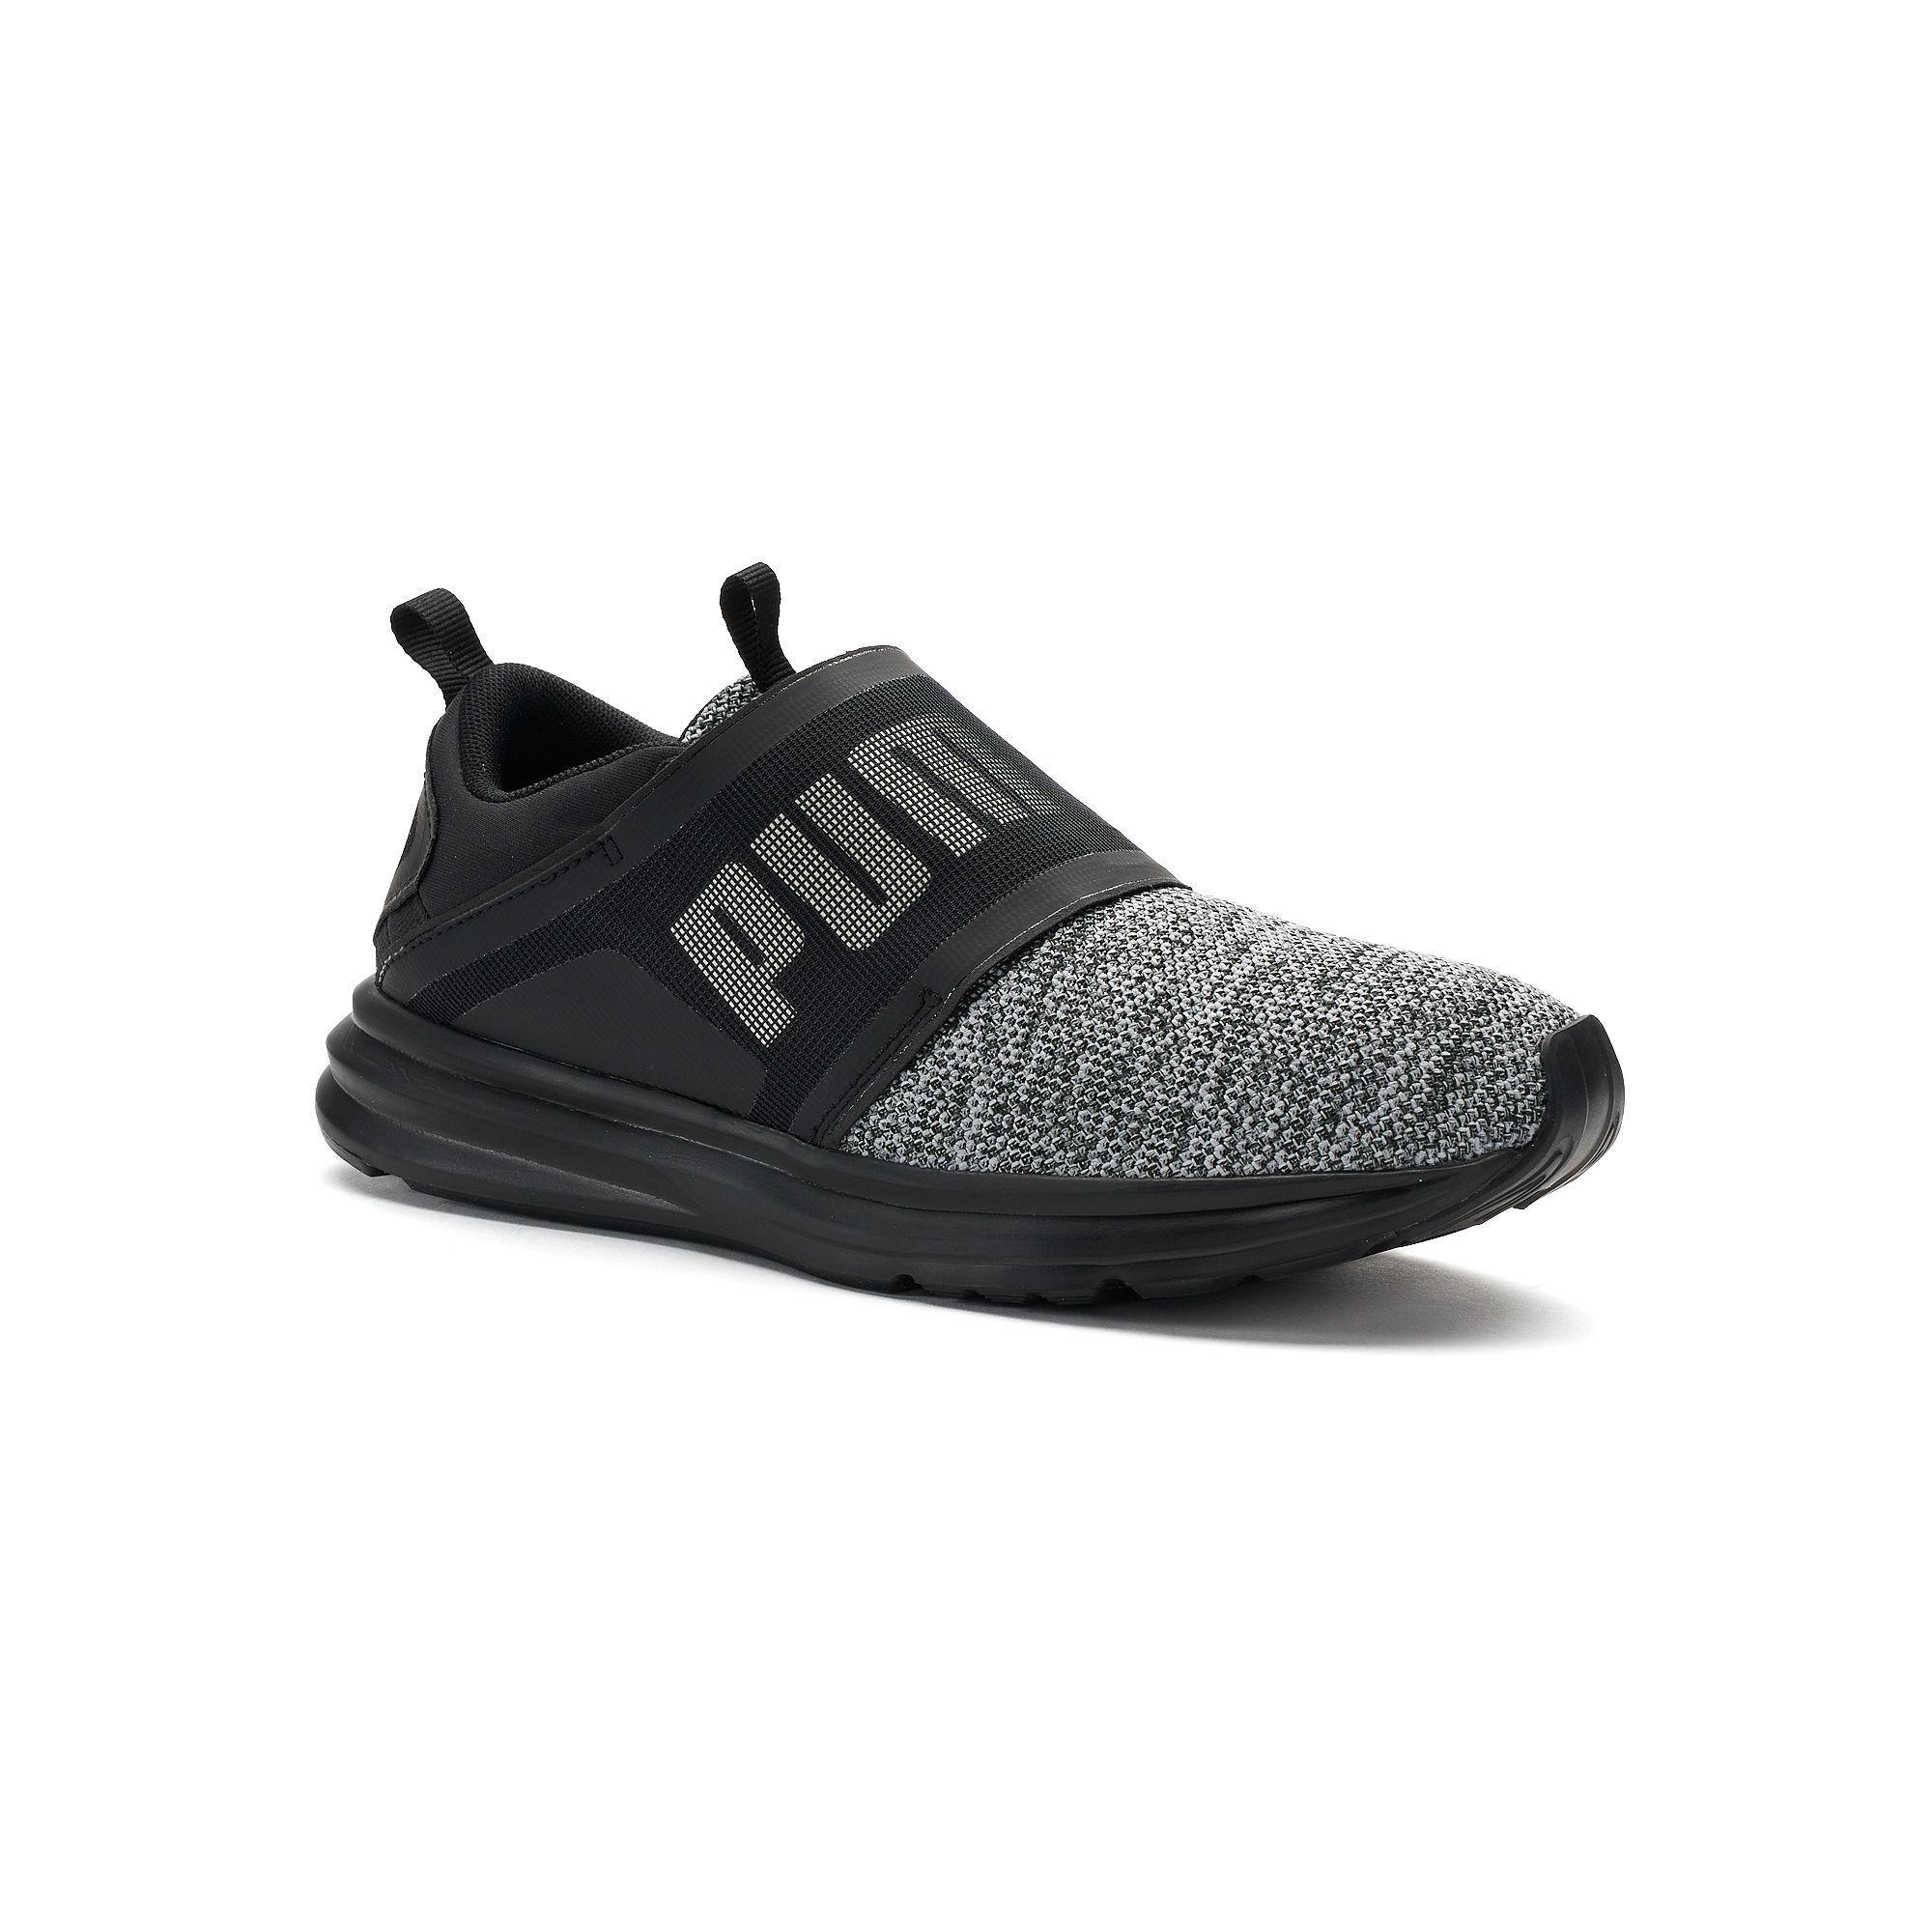 83b33ebc8 PUMA Enzo Strap Knit Women s Sneakers